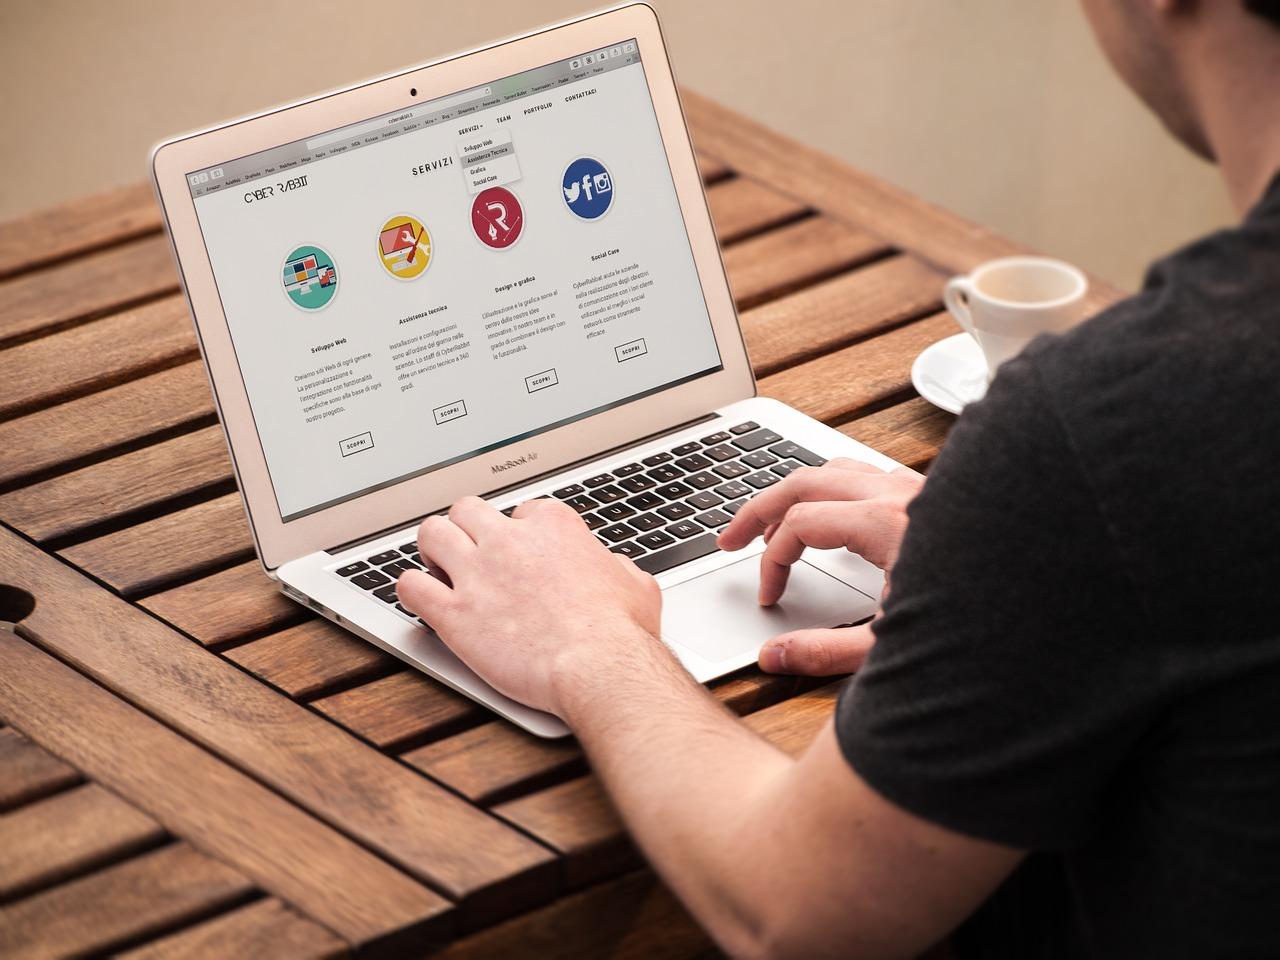 經營網站/部落格 該有的正確態度 經營自媒體的好處